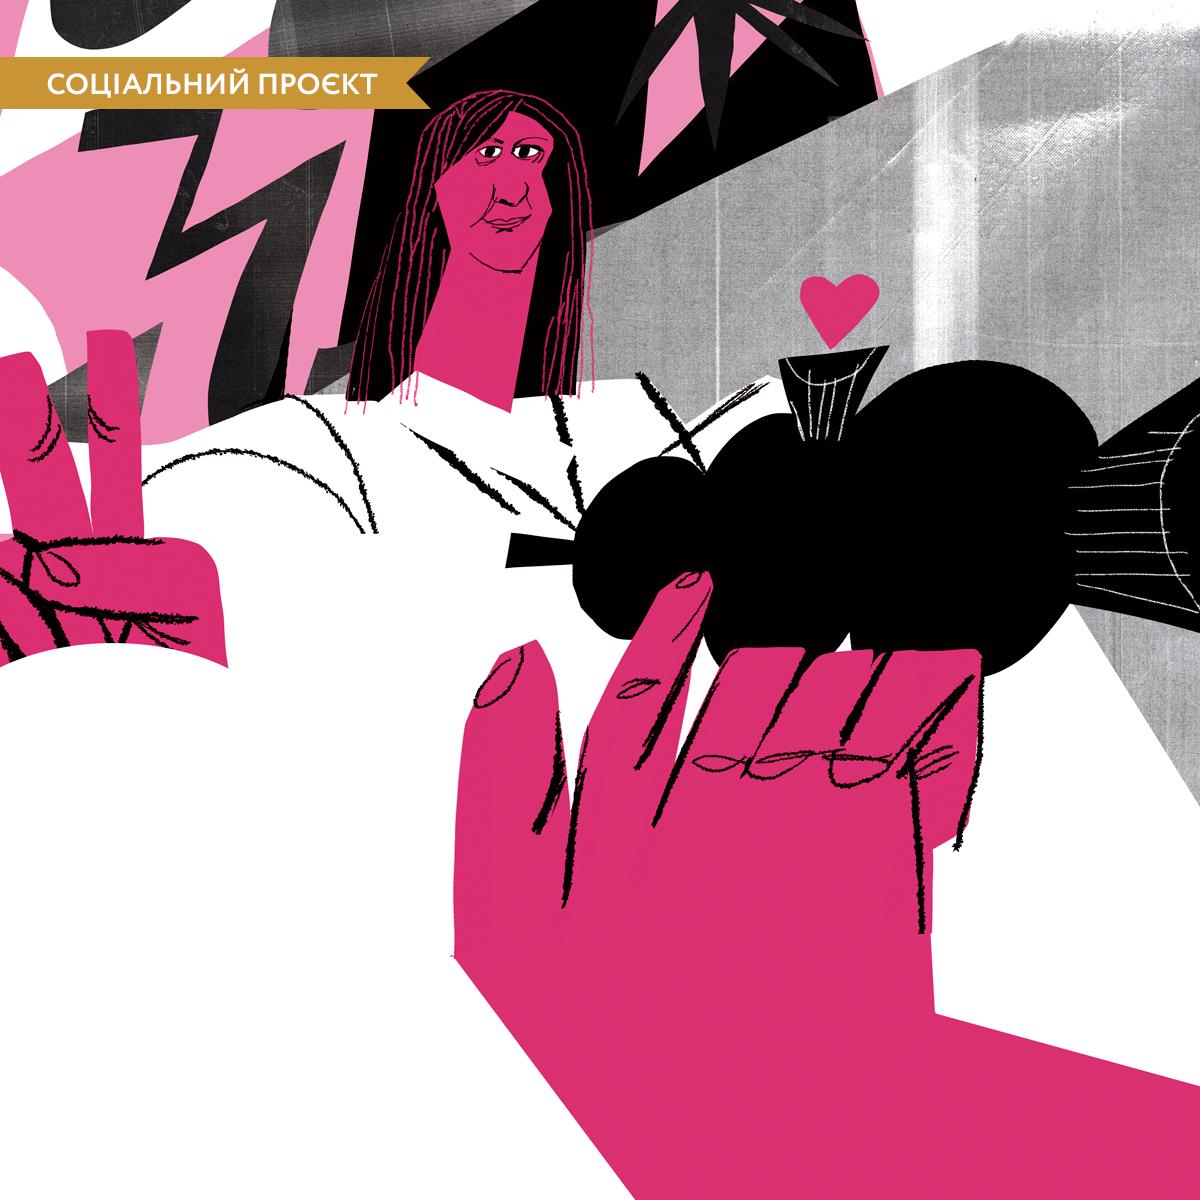 «Самими Кайдашами нічого не зміниш». Наталія Ворожбит – про українські серіали, критику й визнання